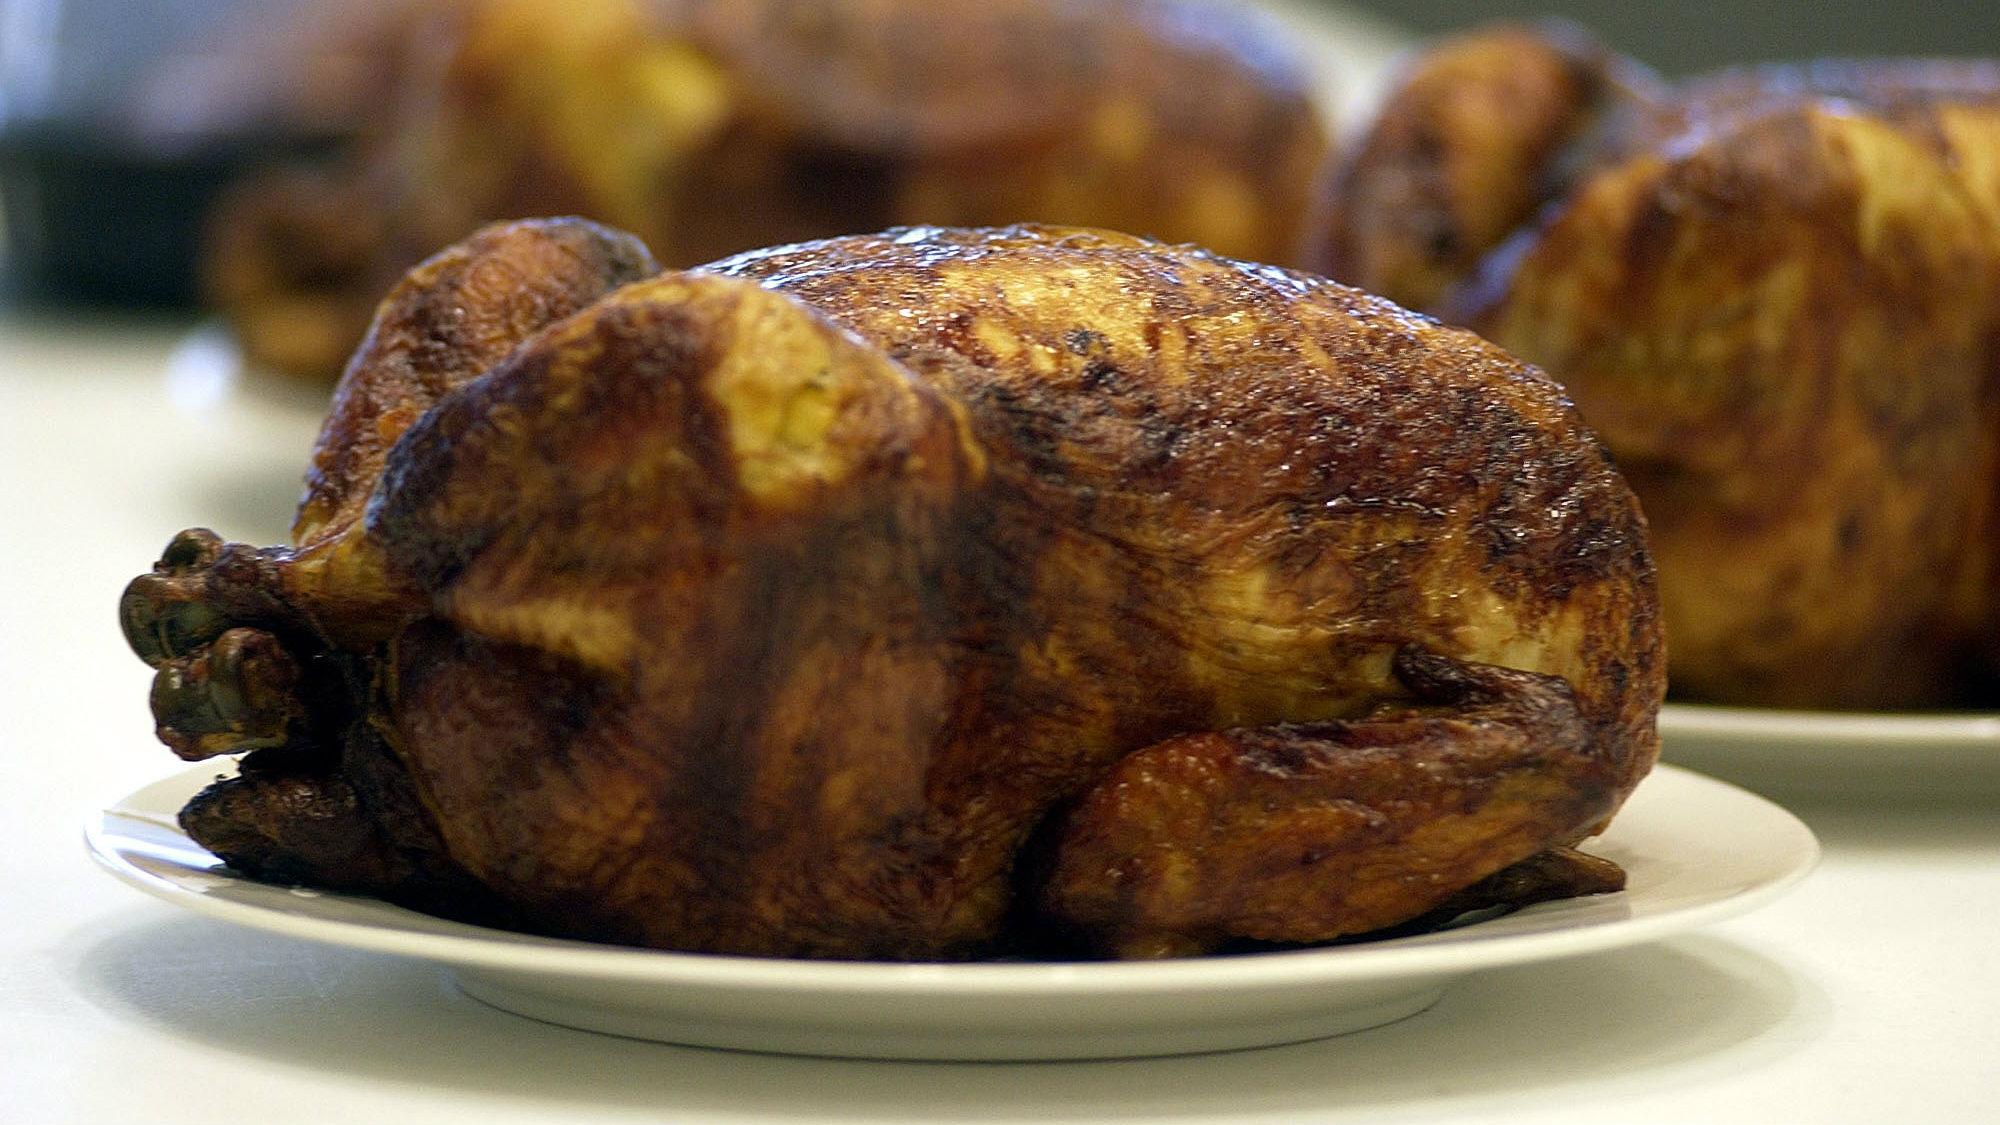 Rotisserie chicken - the best movie theater snack